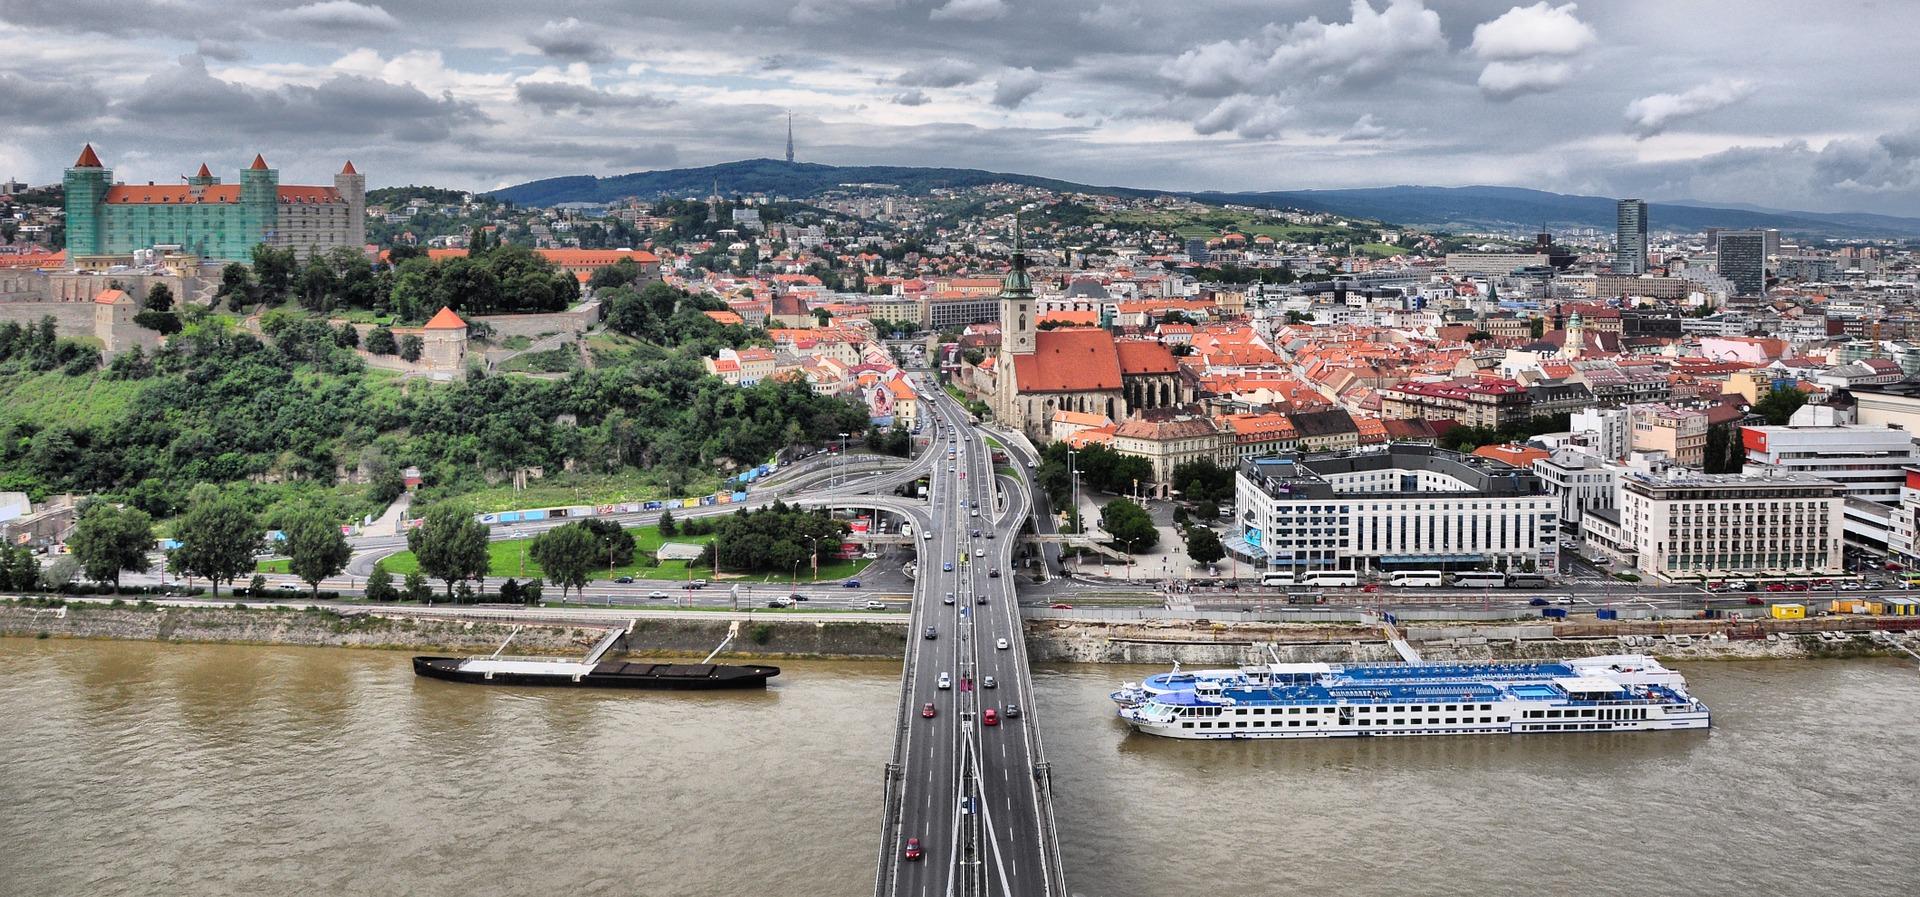 Bratislava – mešanica tradicije, arhitekture, umetnosti in nočnega življenja